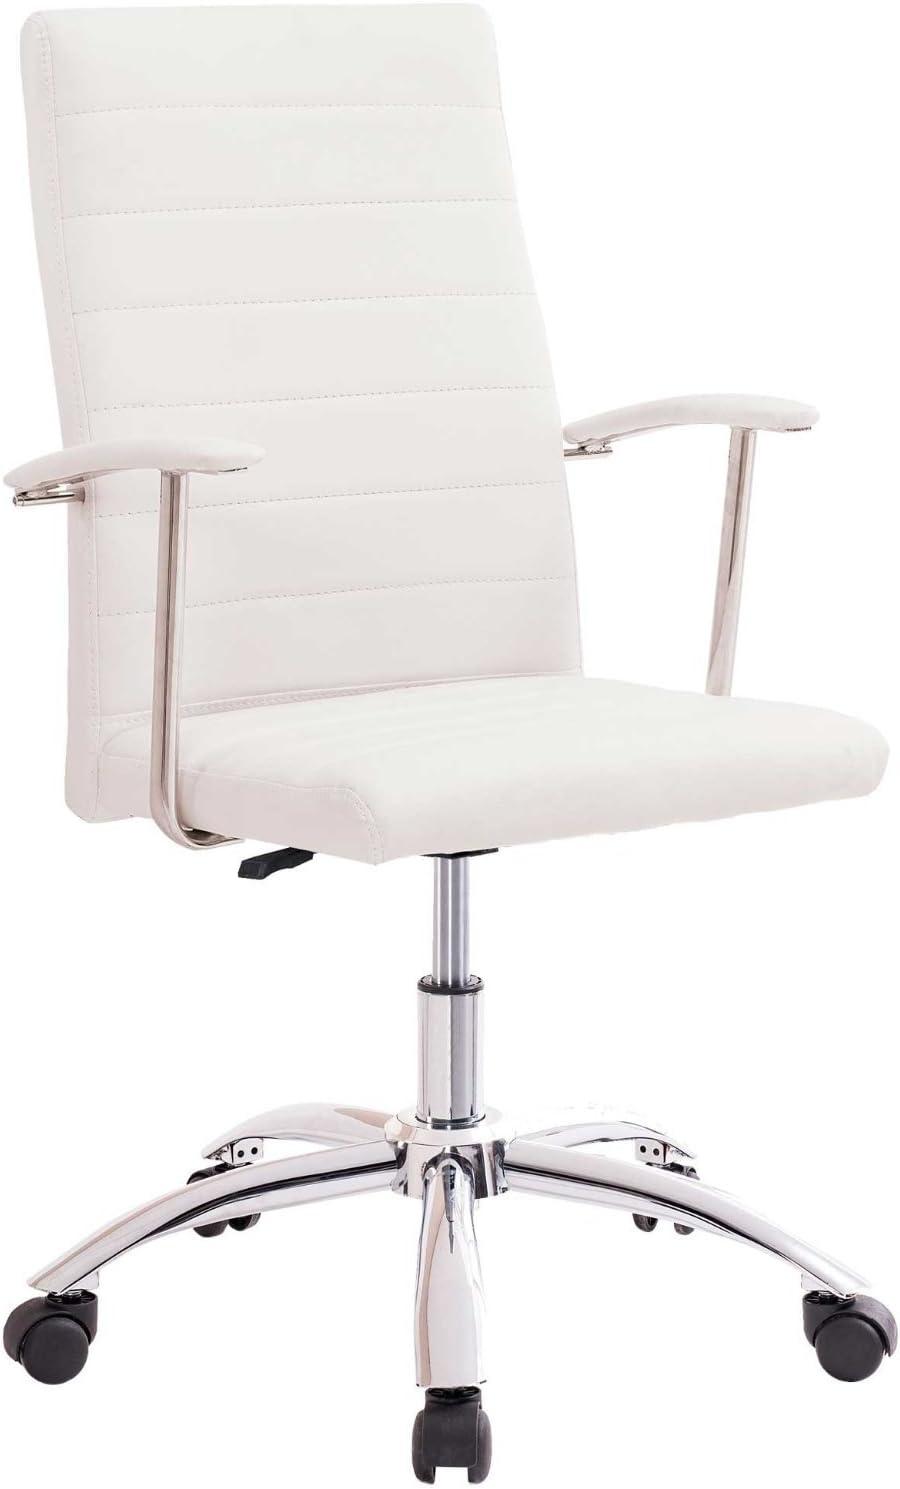 Adec - Silla oficina estudio Look tapizado símil piel Blanco Roto ...